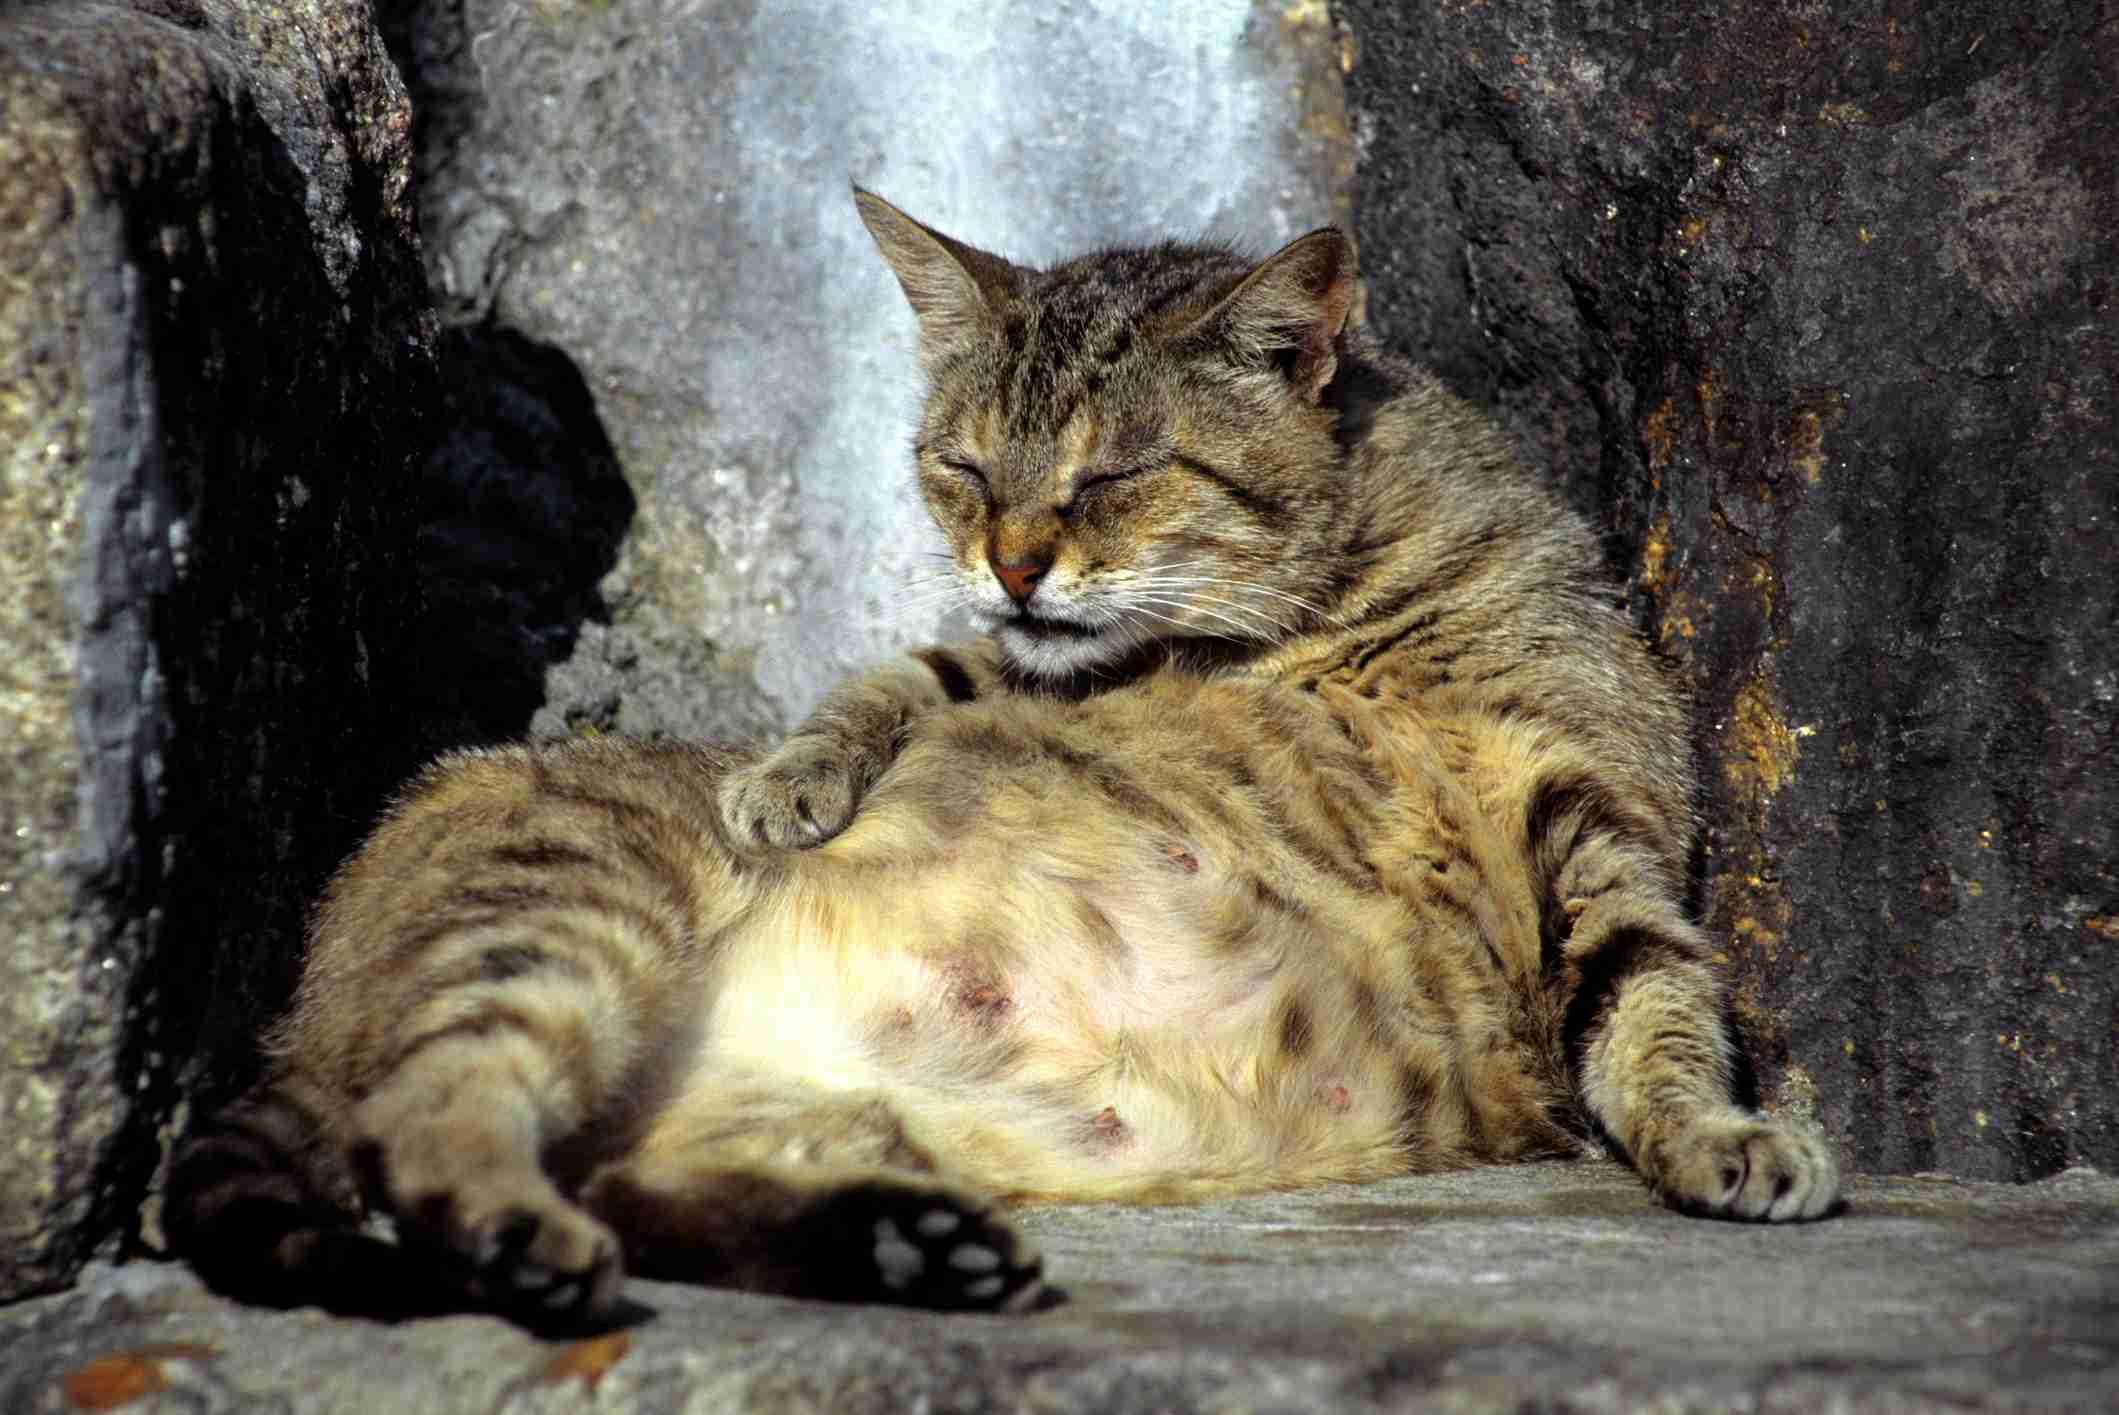 Anidando, gato ansioso al final del embarazo